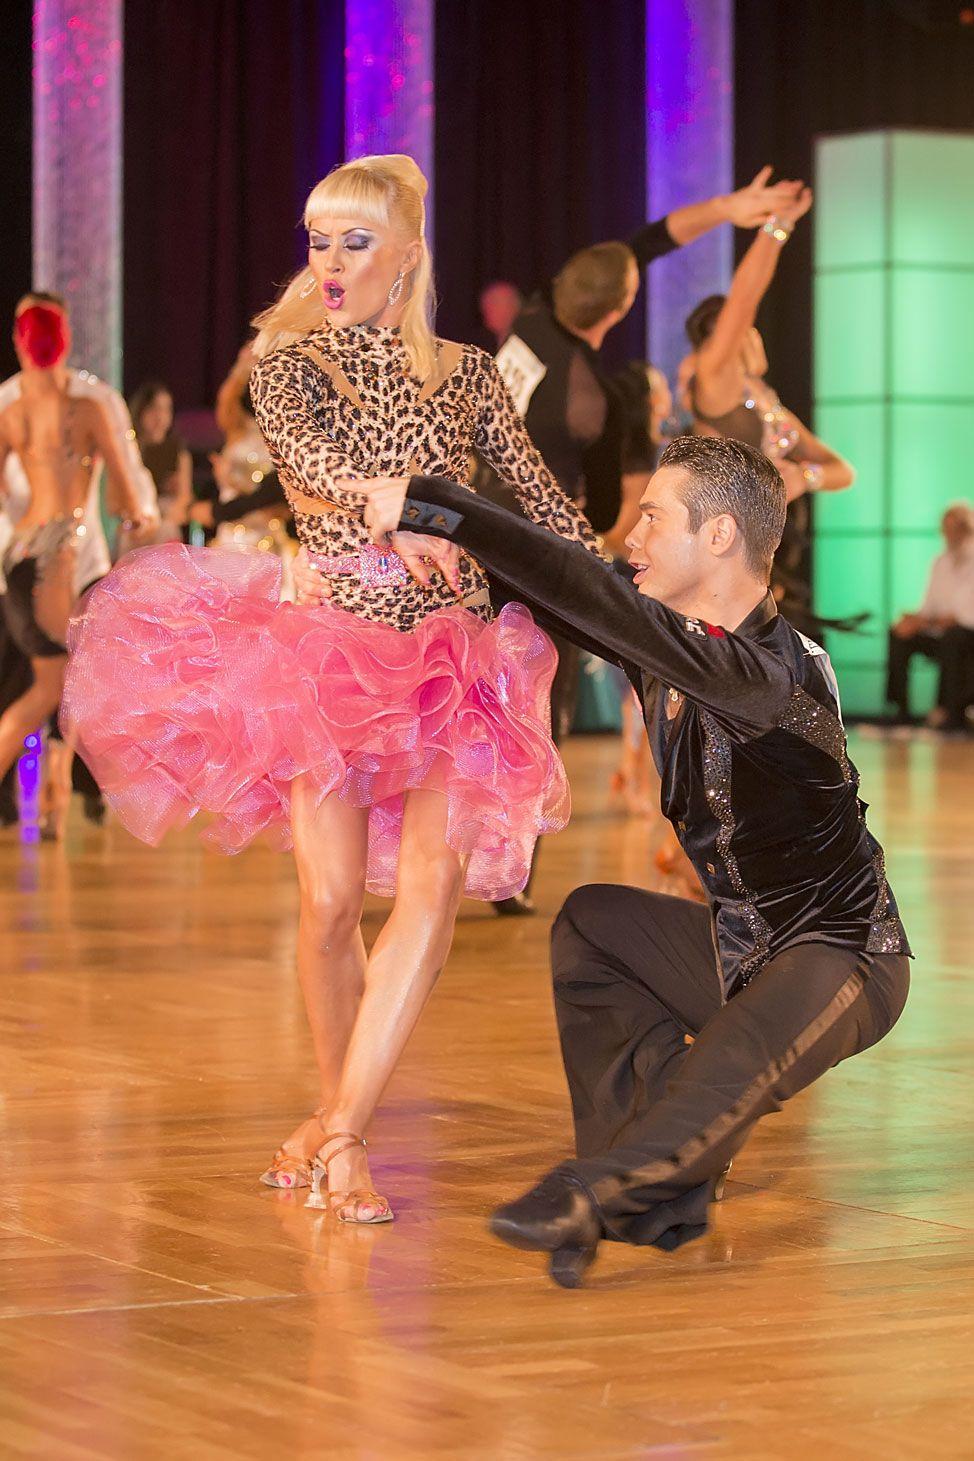 Professional Rhythm Photos From Emerald Ball At Https Www Facebook Com Wayne Eng Media Set Set A 10152510865931459 1073741857 7051 Dance Camp Dancesport Ball